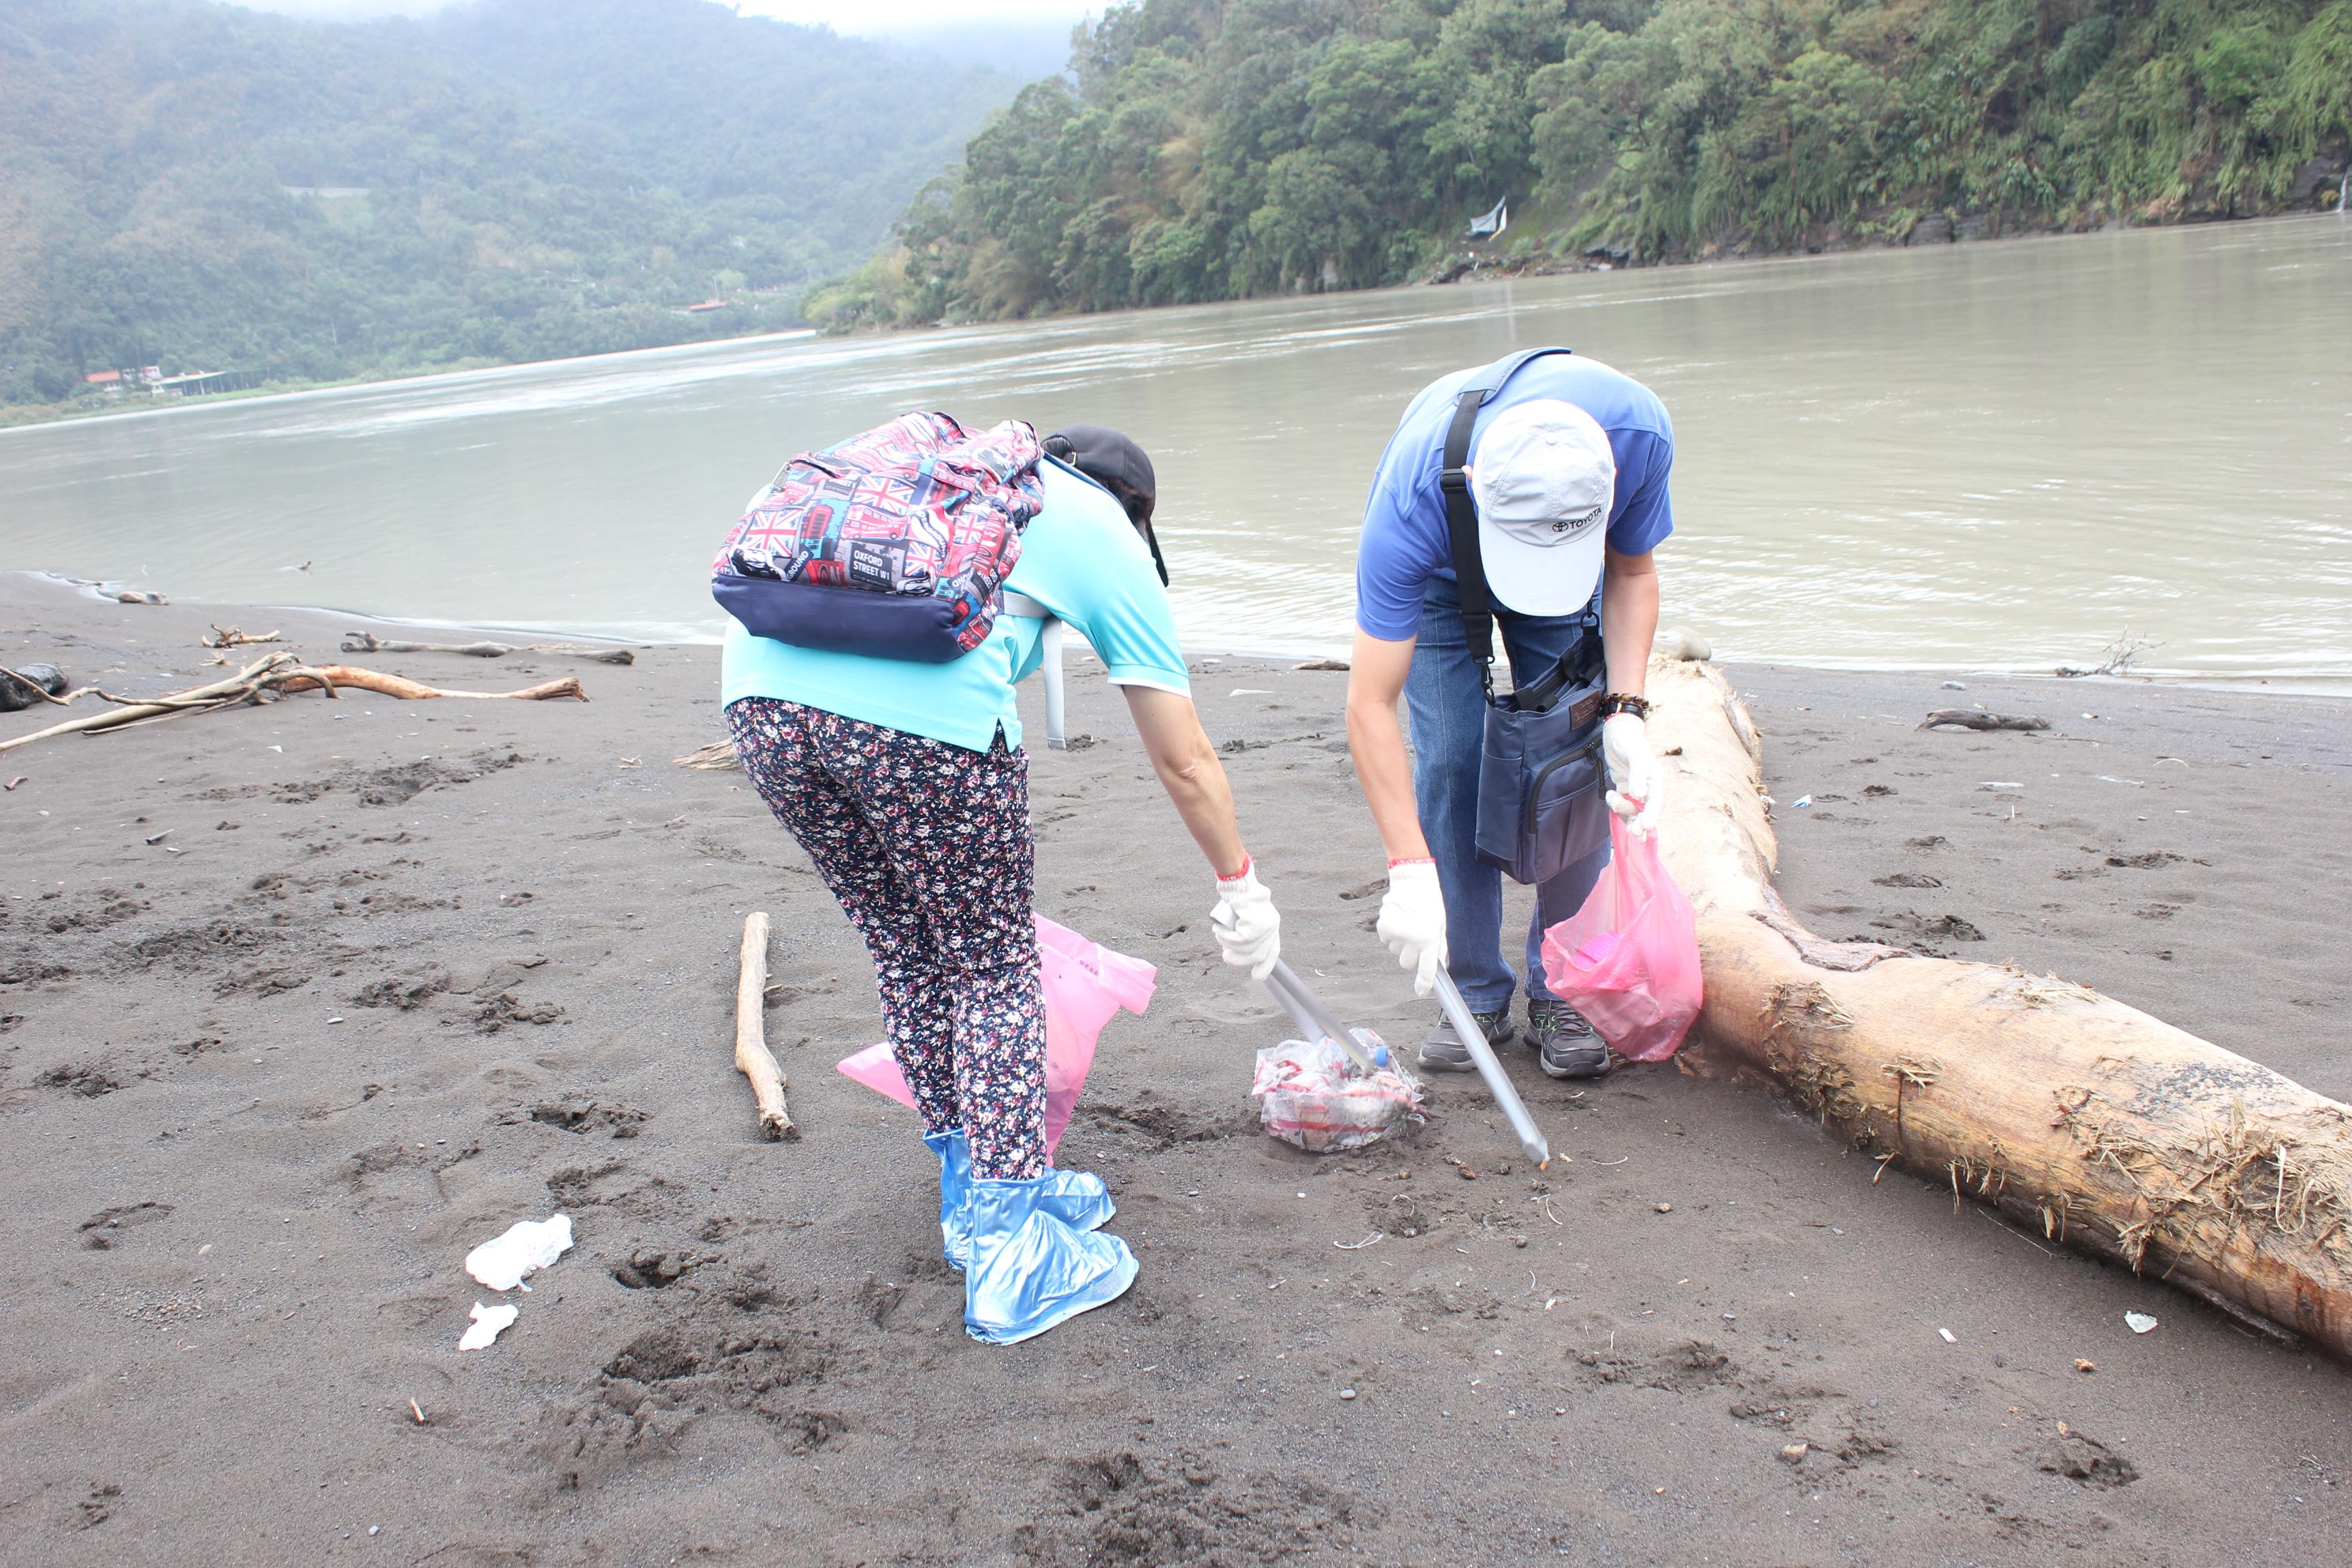 志工將遍布沙灘上的垃圾清除。